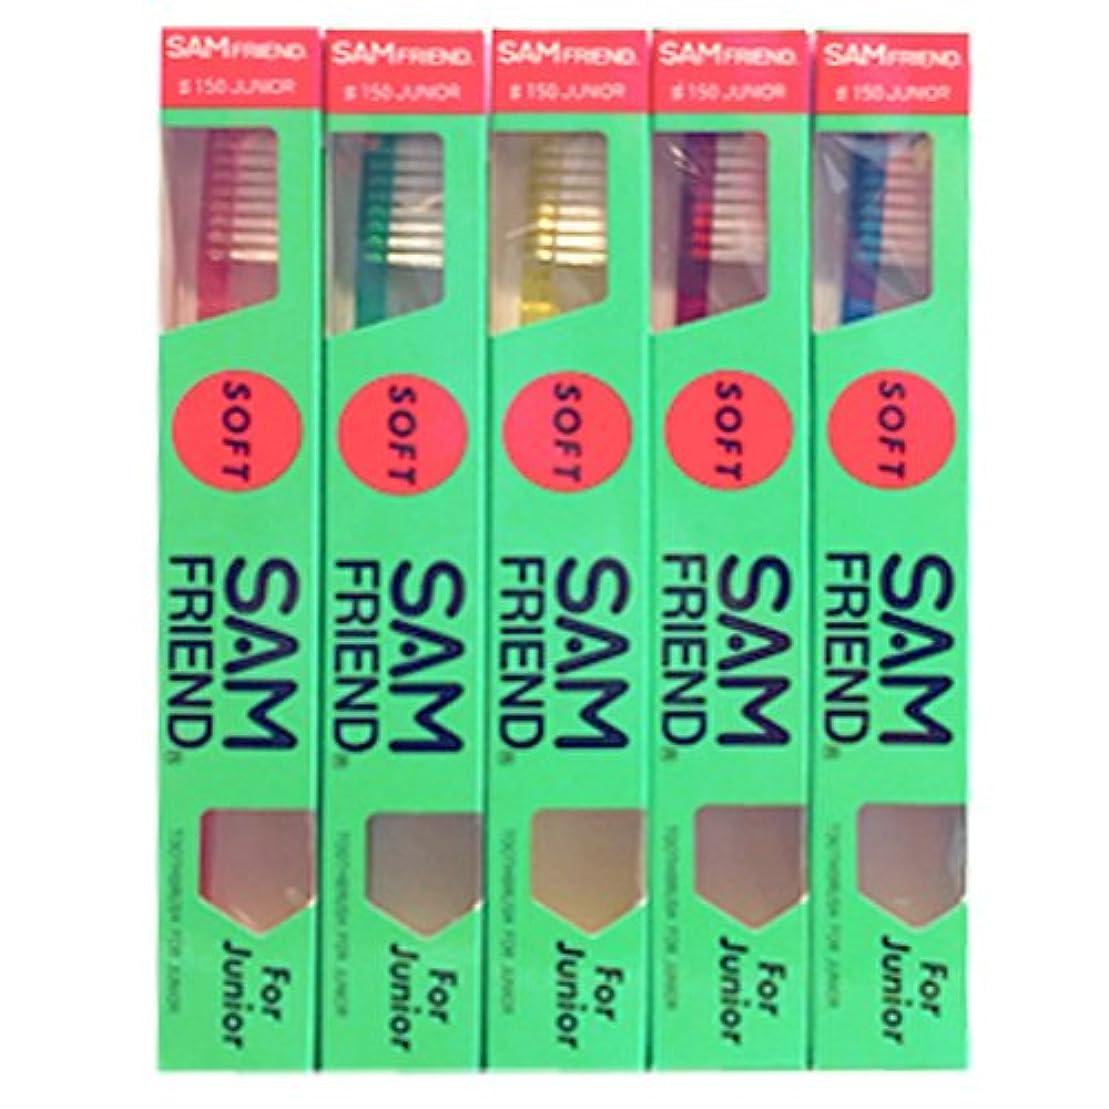 プラスチック便利さ単調なサムフレンド サムフレンド 歯ブラシ #150ジュニア 5色セット 6~12才用 歯並びが複雑で汚れやすい小さな口 ソフト